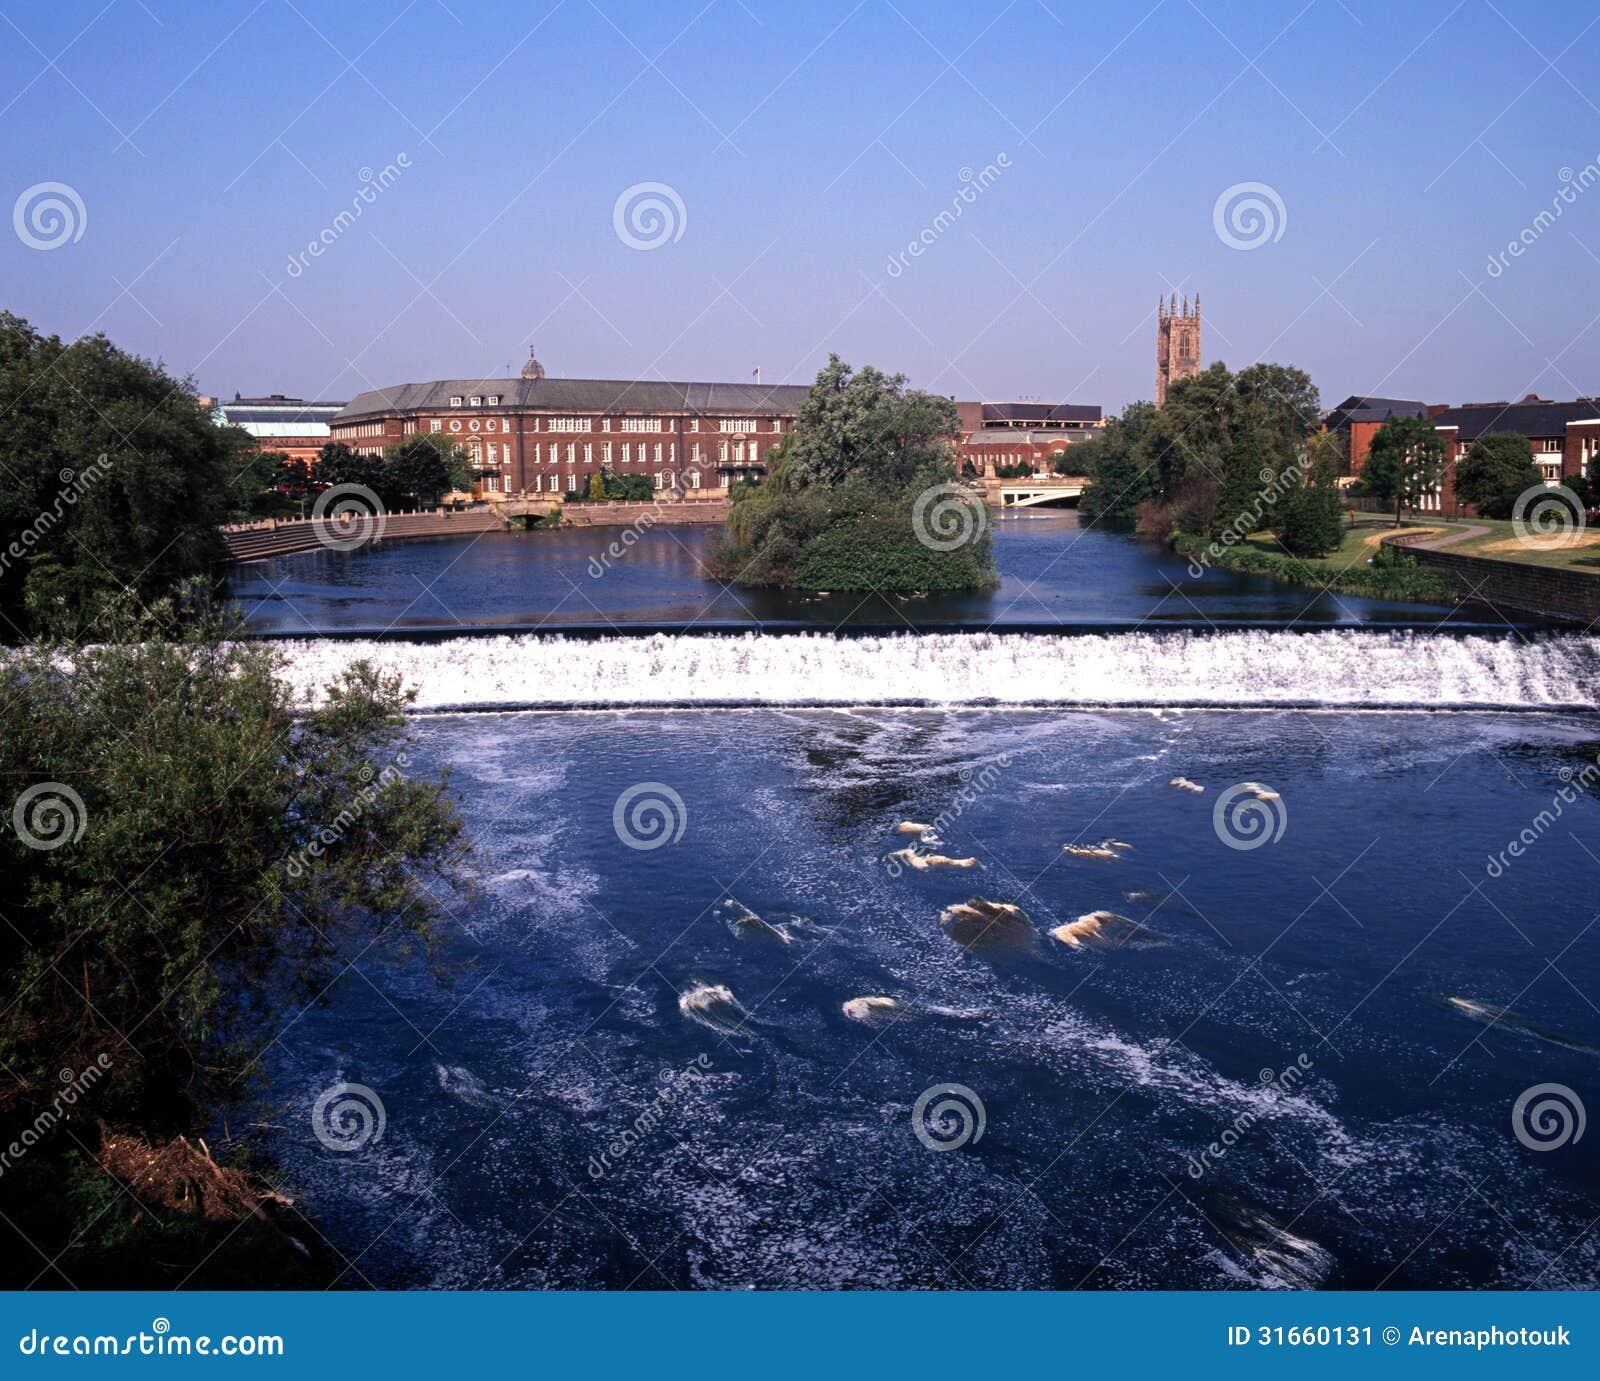 River Derwent, Derby, England.